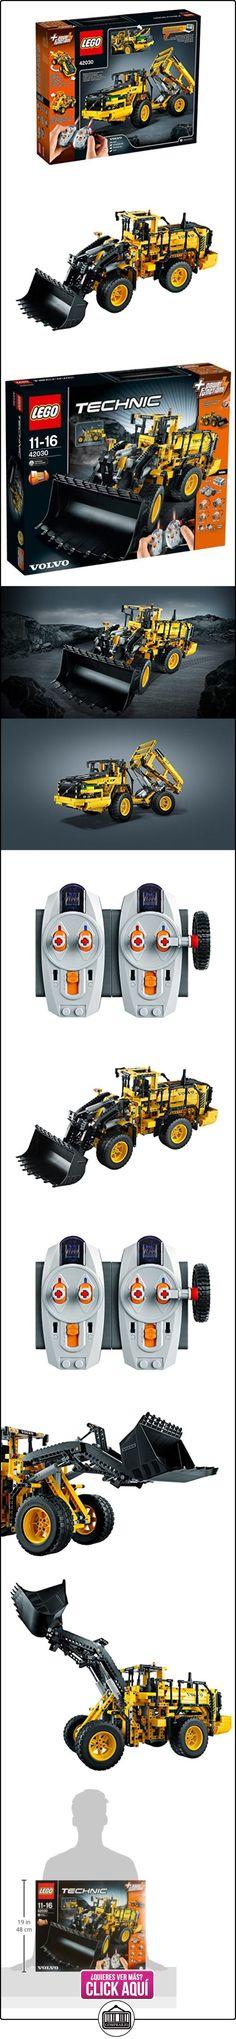 LEGO - Excavadora con Ruedas Volvo L350F con control remoto, multicolor (42030) ✿ Lego - el surtido más amplio ✿ ▬► Ver oferta: https://comprar.io/goto/B00H4908ZM